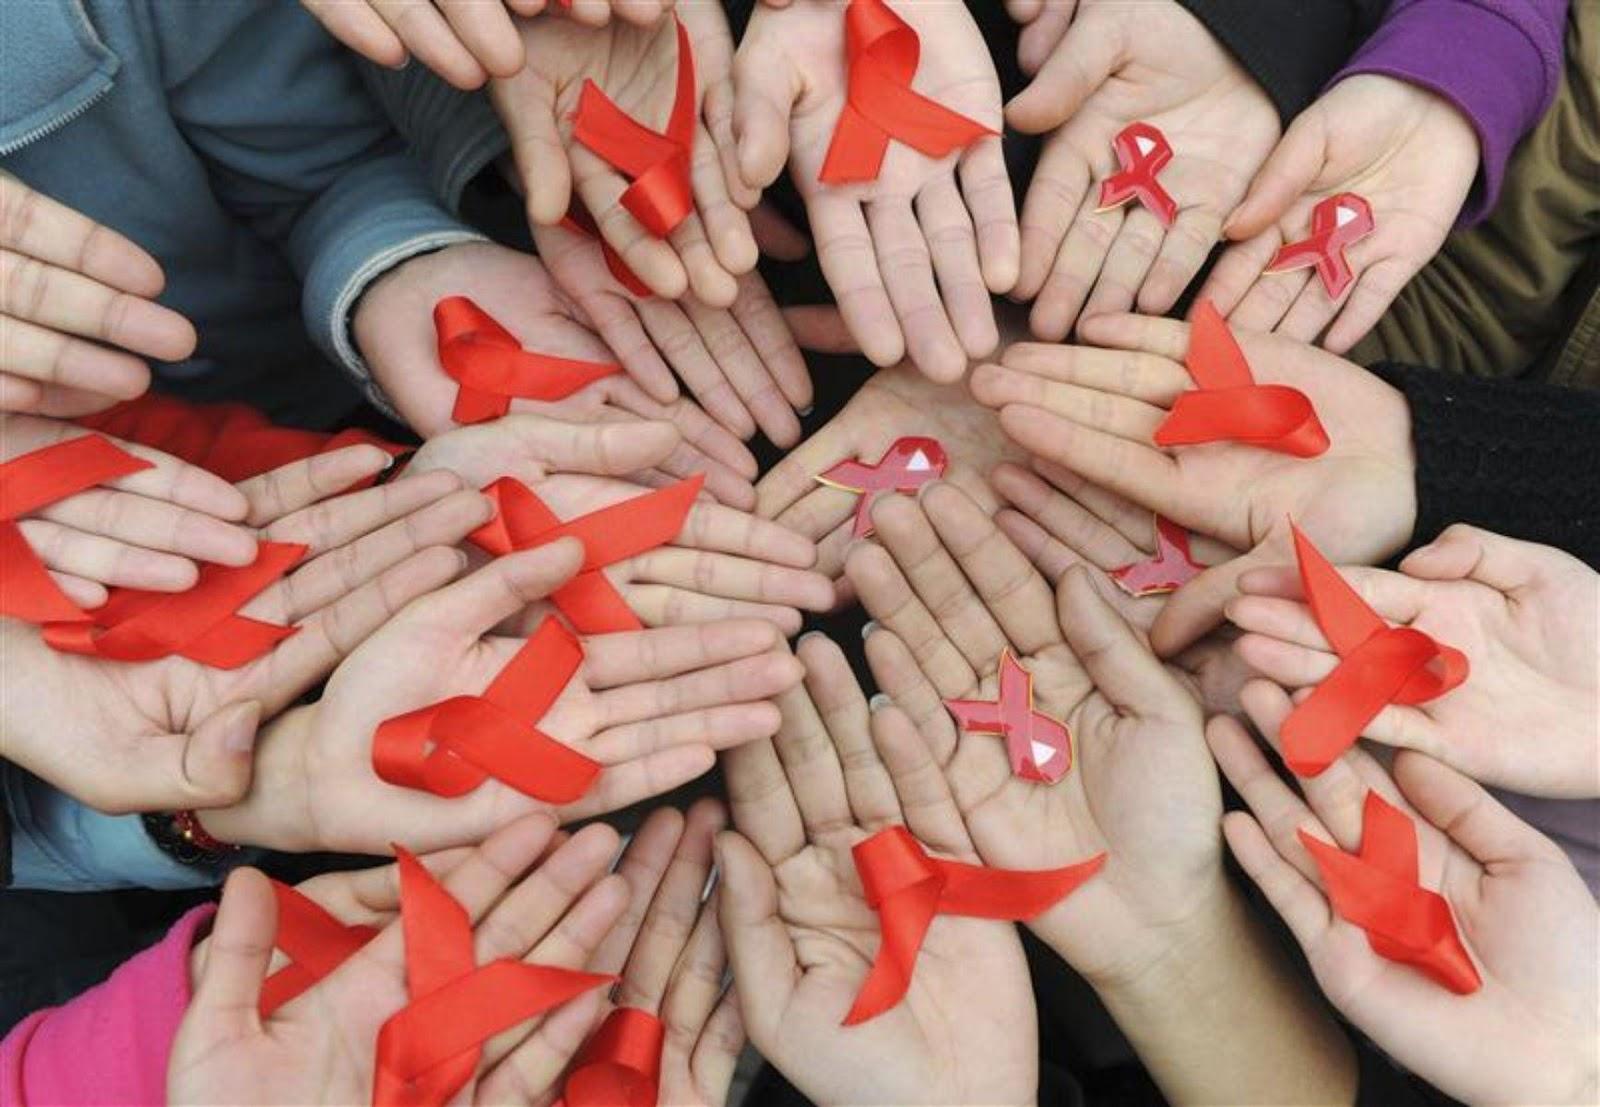 ВКурской области откроют «горячую линию» попрофилактике ВИЧ